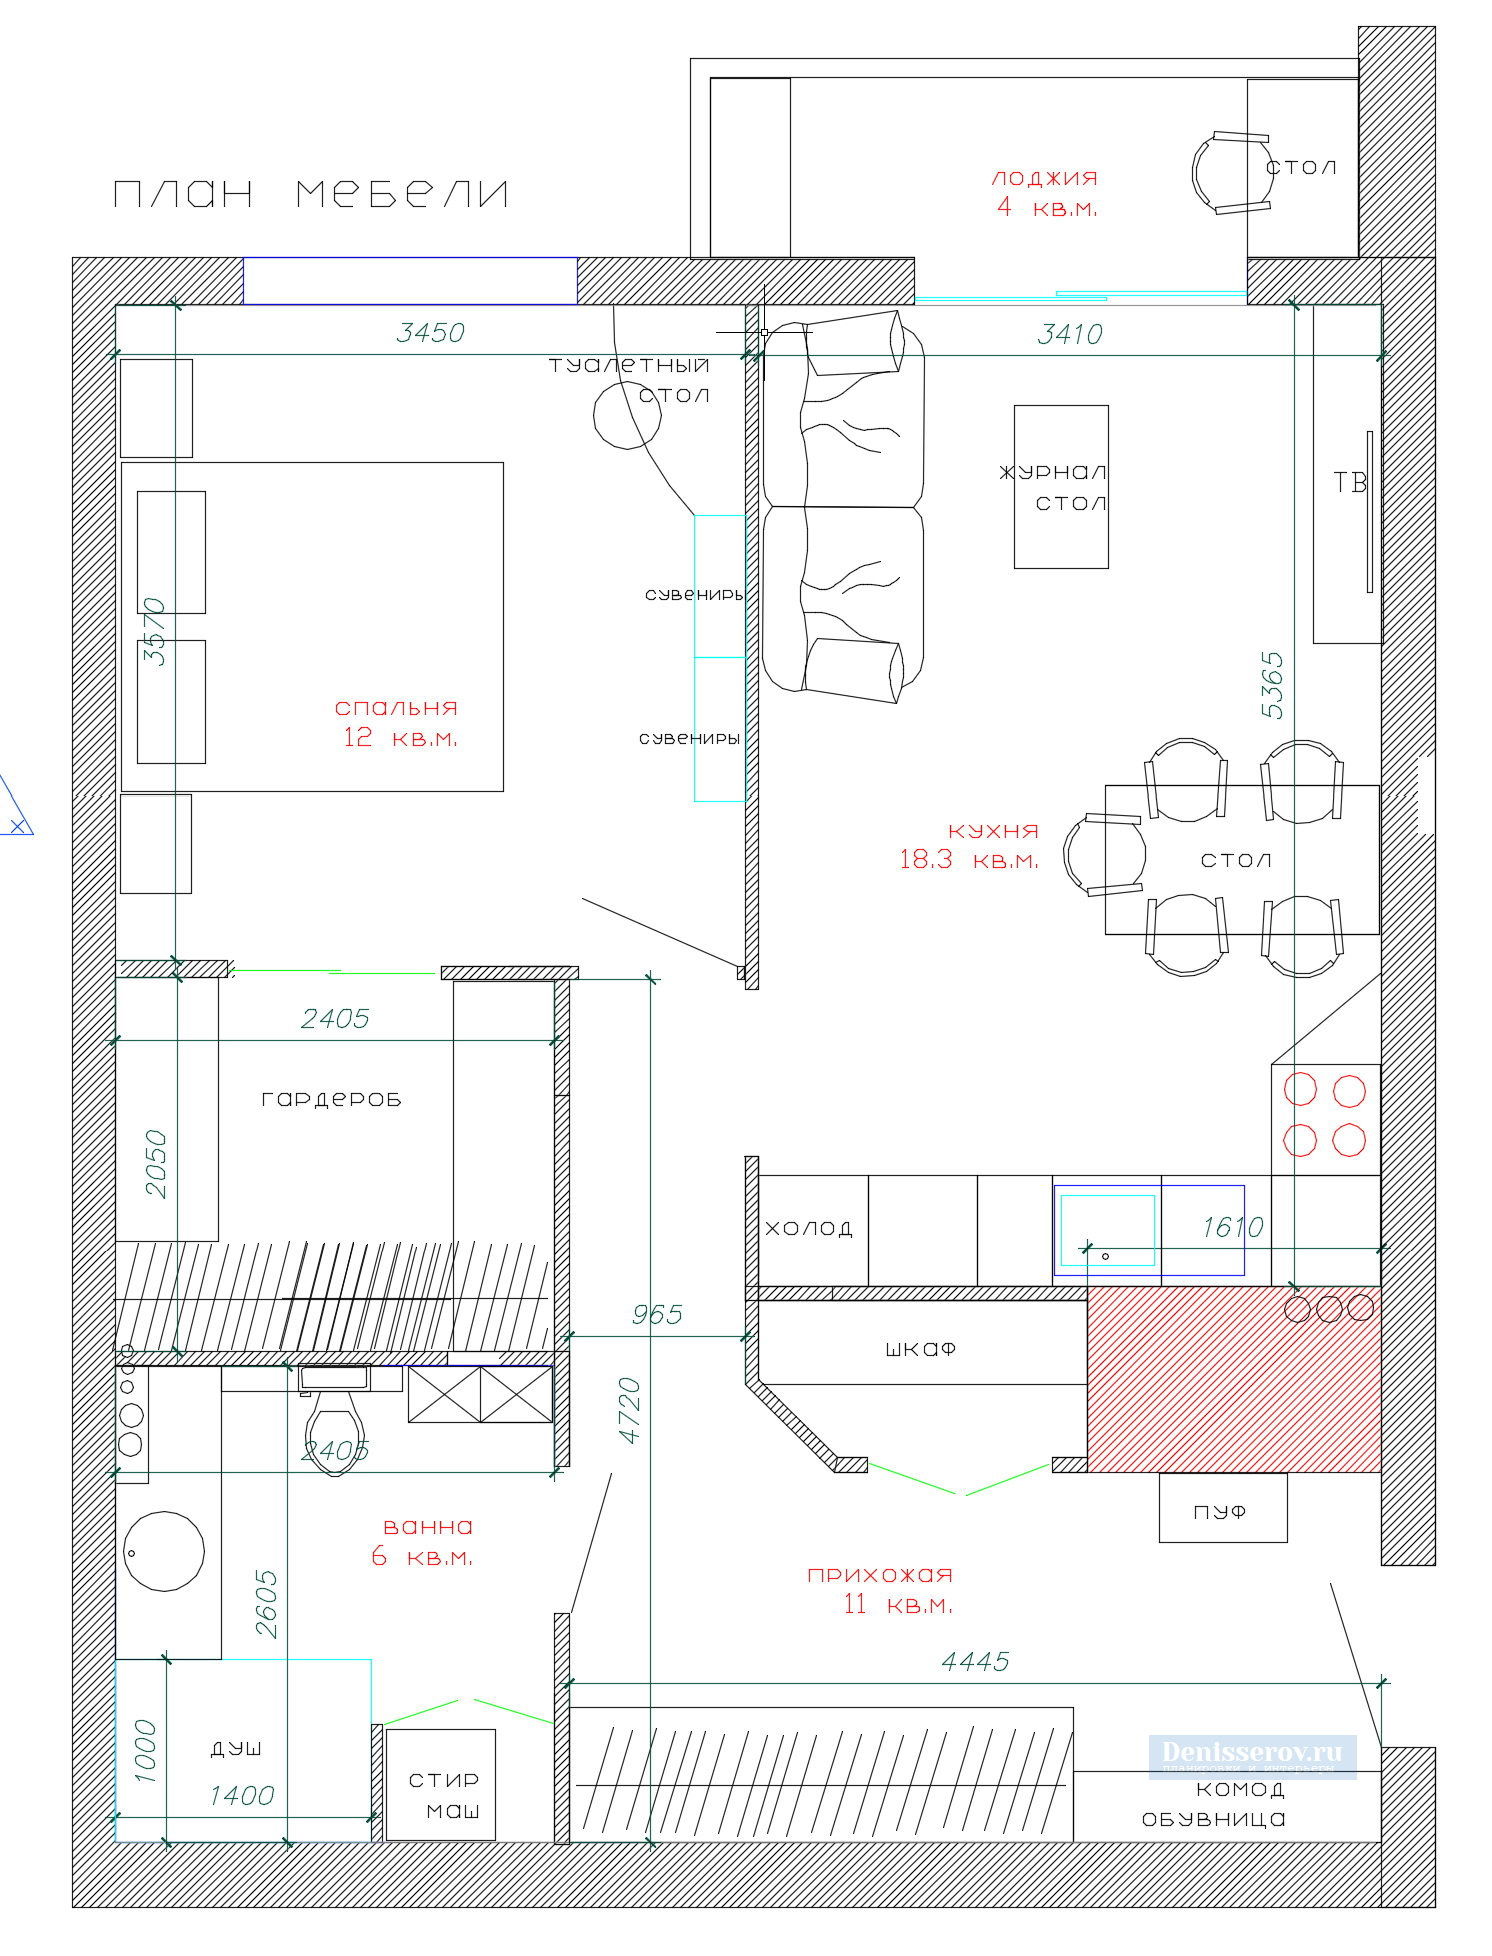 Оформление перепланировки квартиры — PMSR